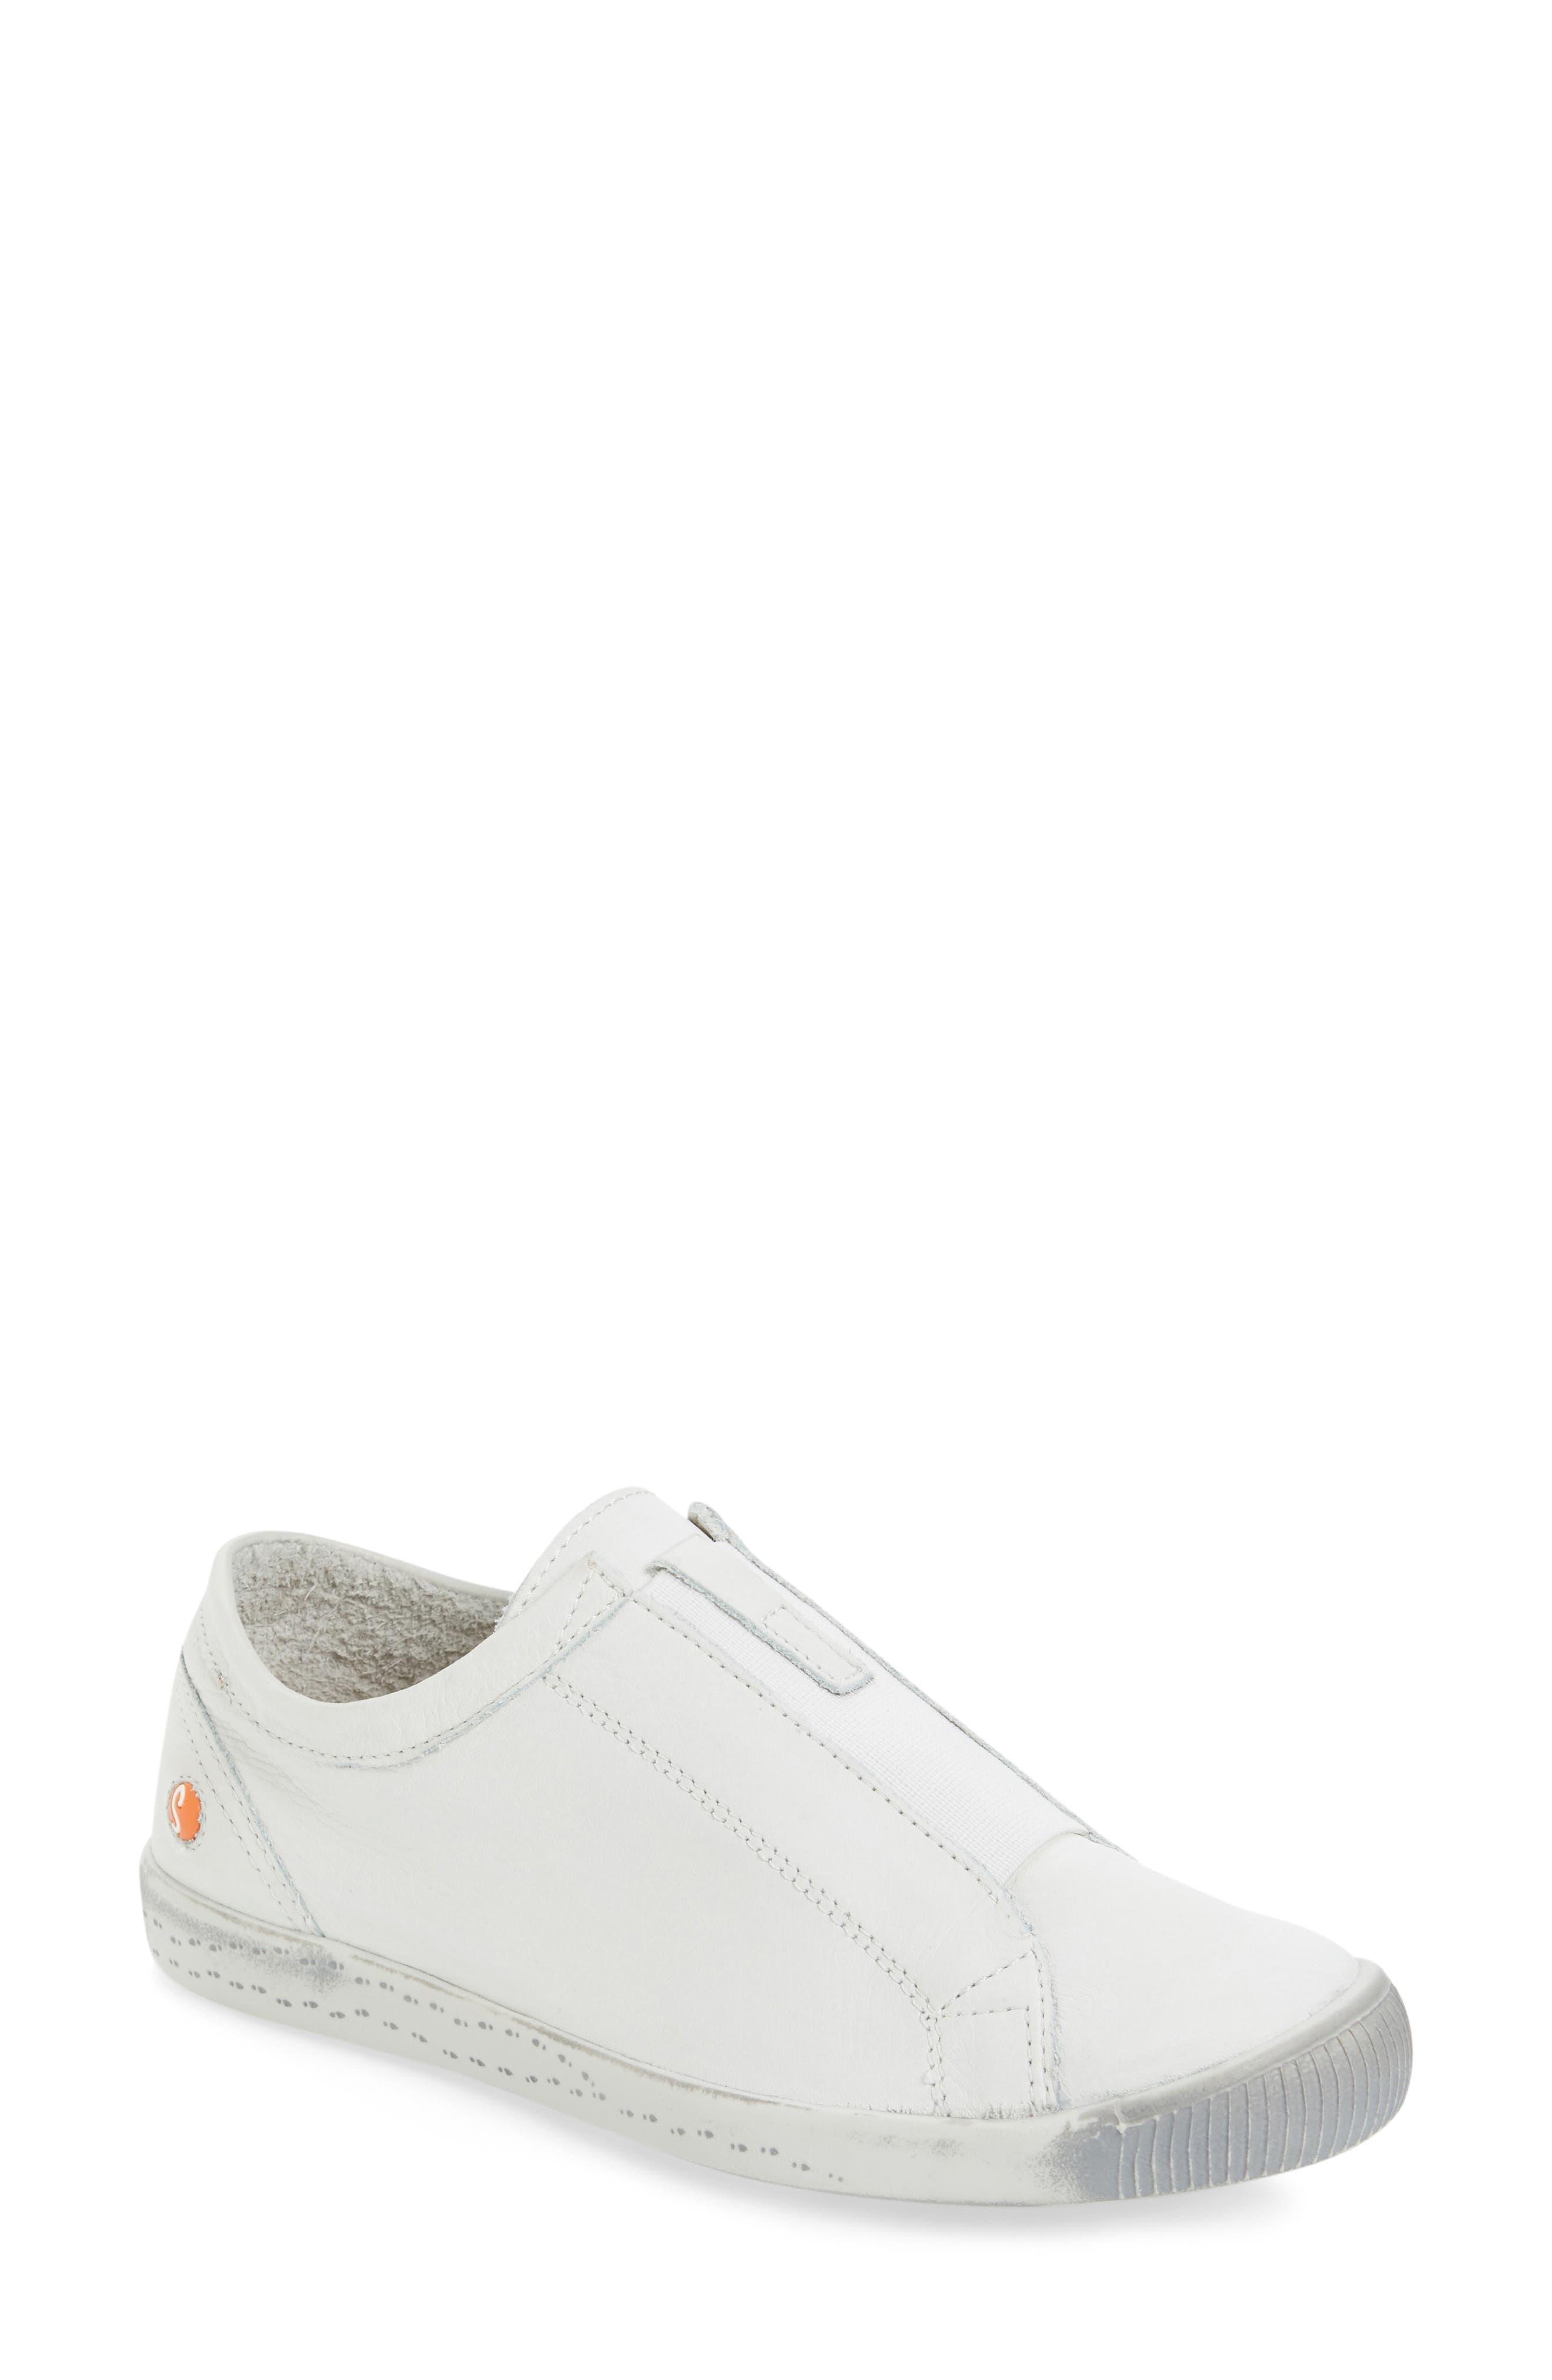 Main Image - Fly London Ilo Slip-On Sneaker (Women)